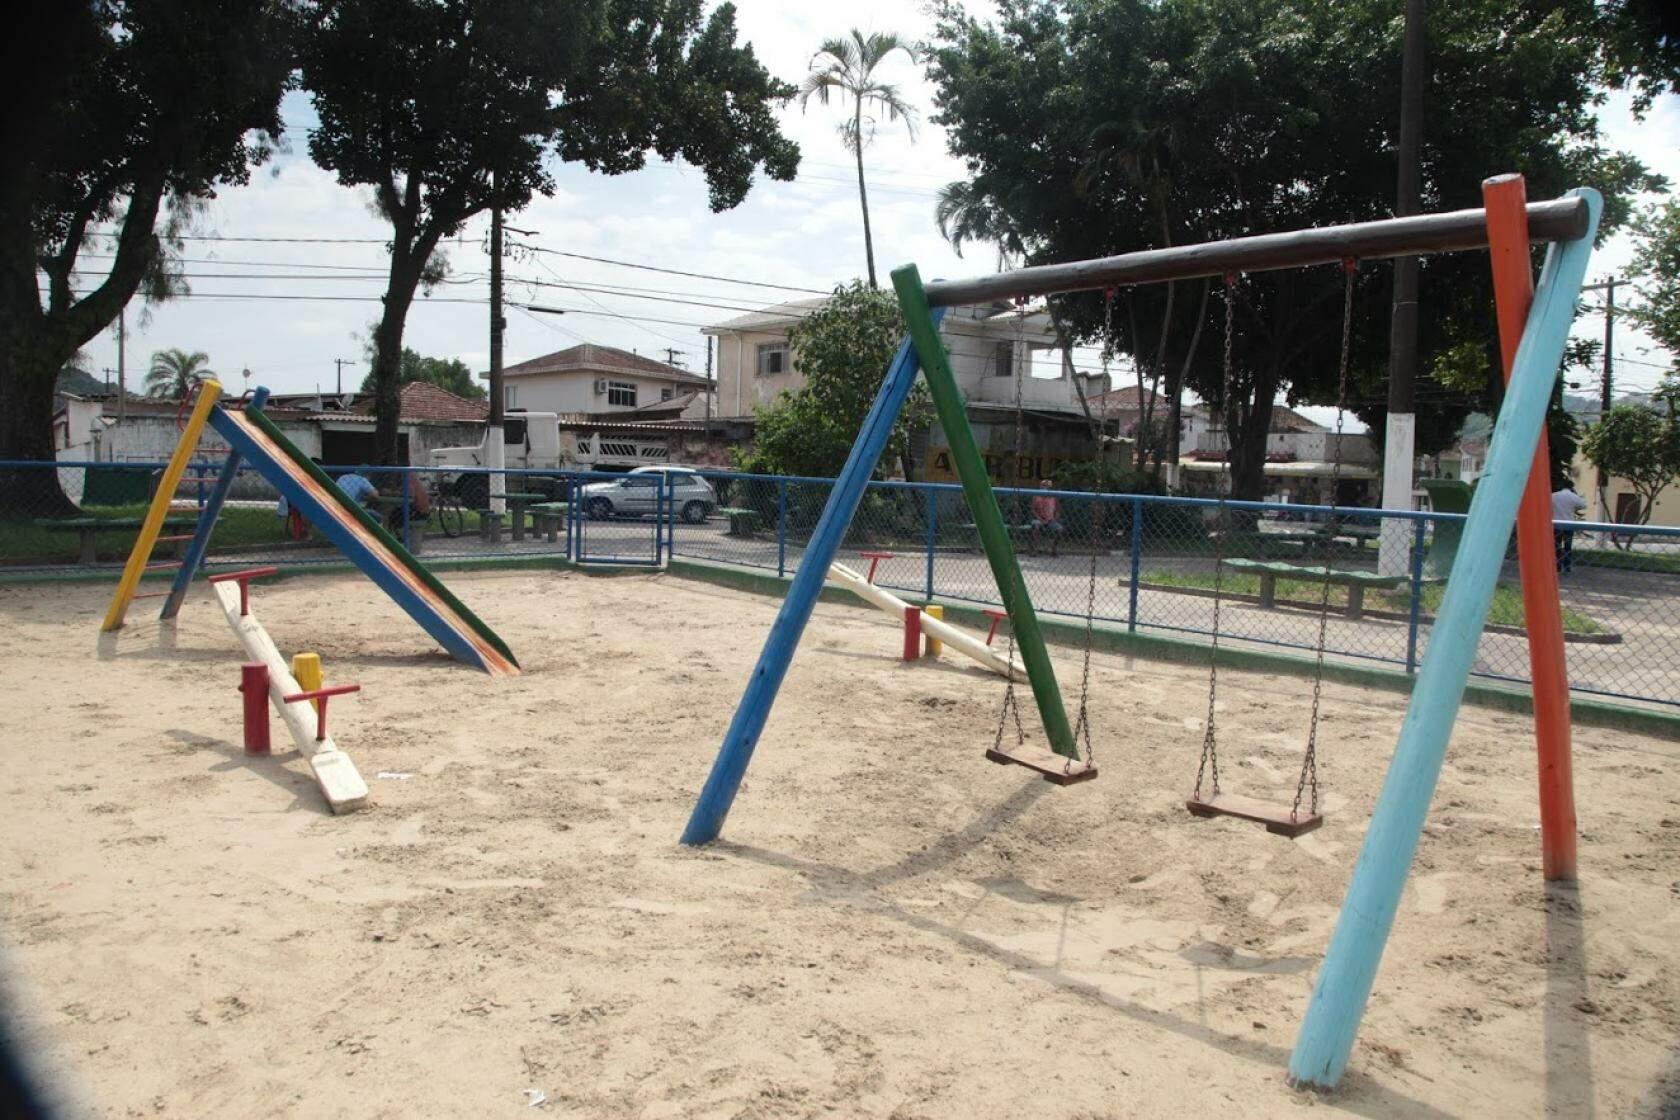 Praça Décio Brandão de Camargo tem brinquedos para crianças